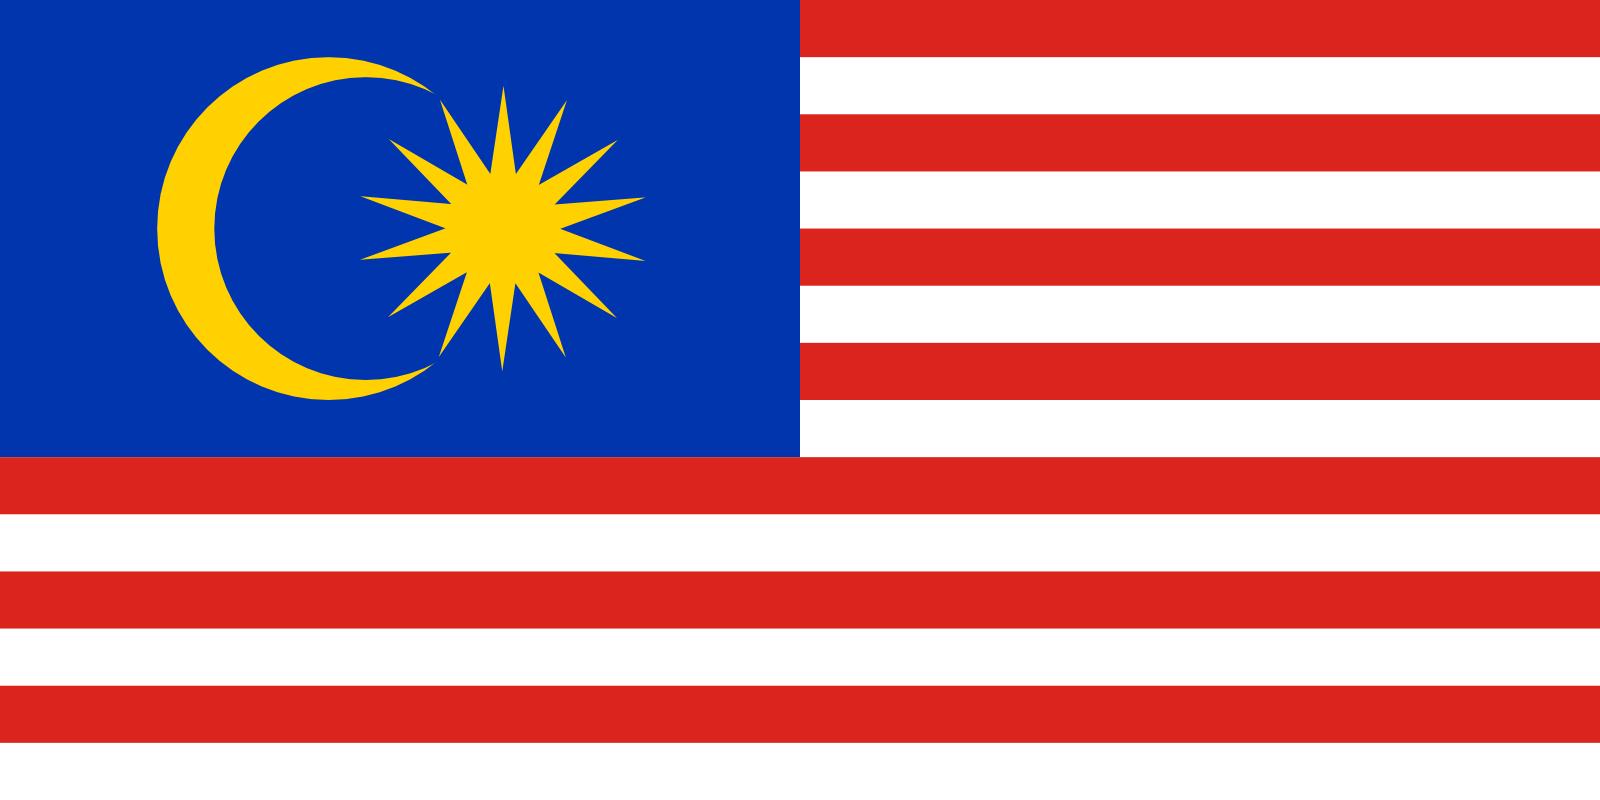 imagenes de banderas hd148 200 Imágenes de Banderas en HD (Wallpapers)